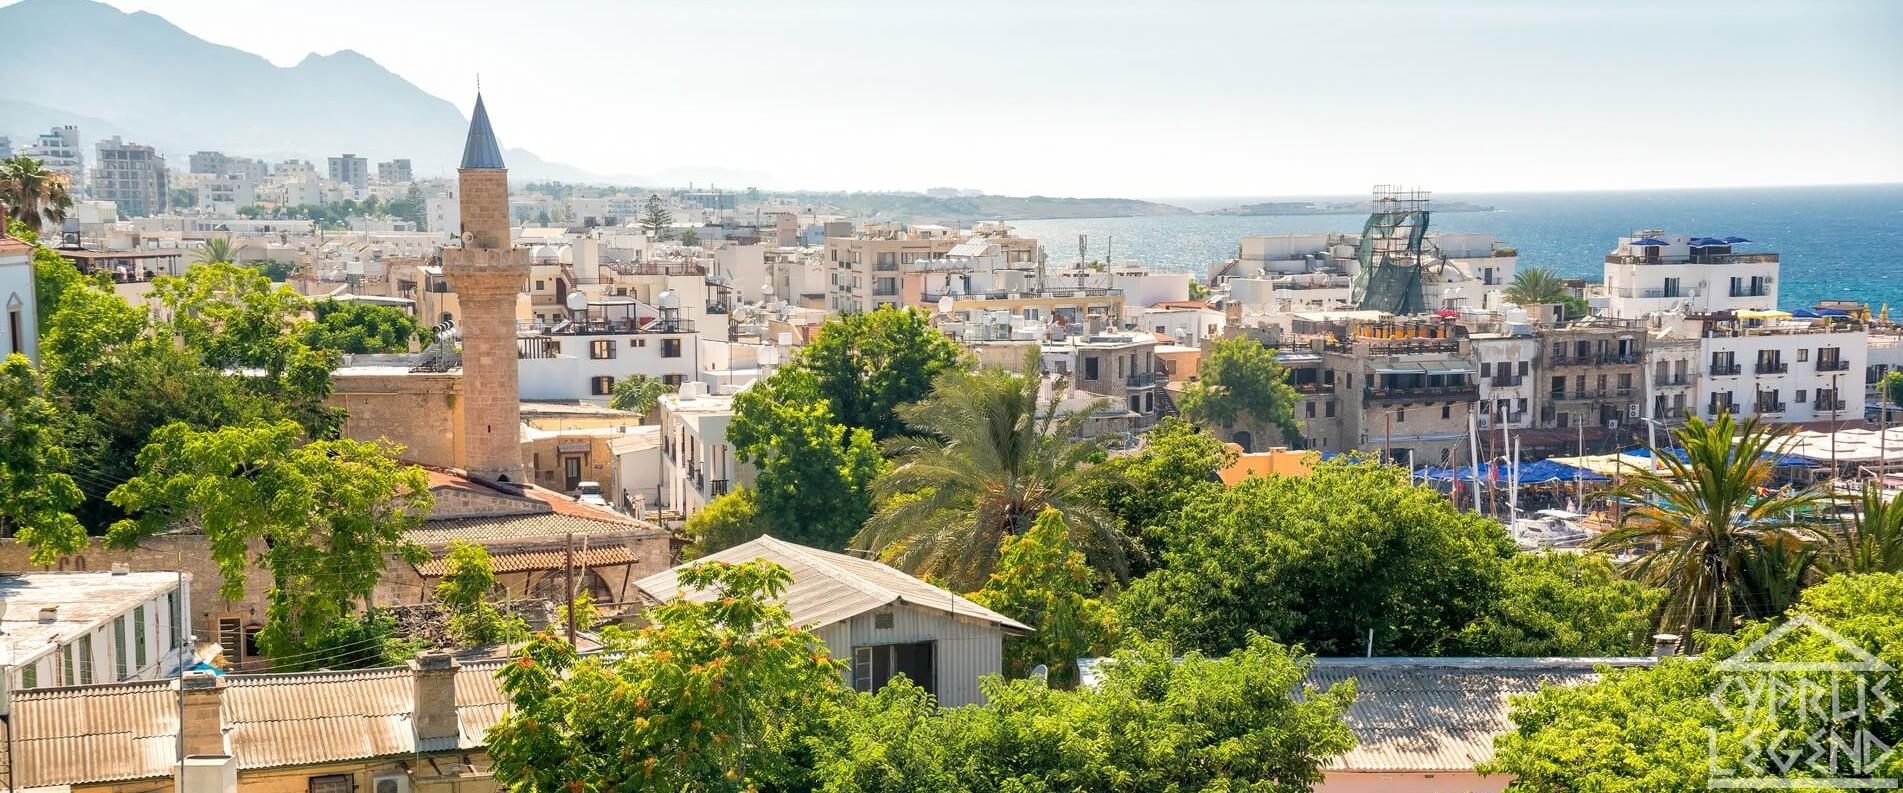 На Северном Кипре 320 солнечных дней в году